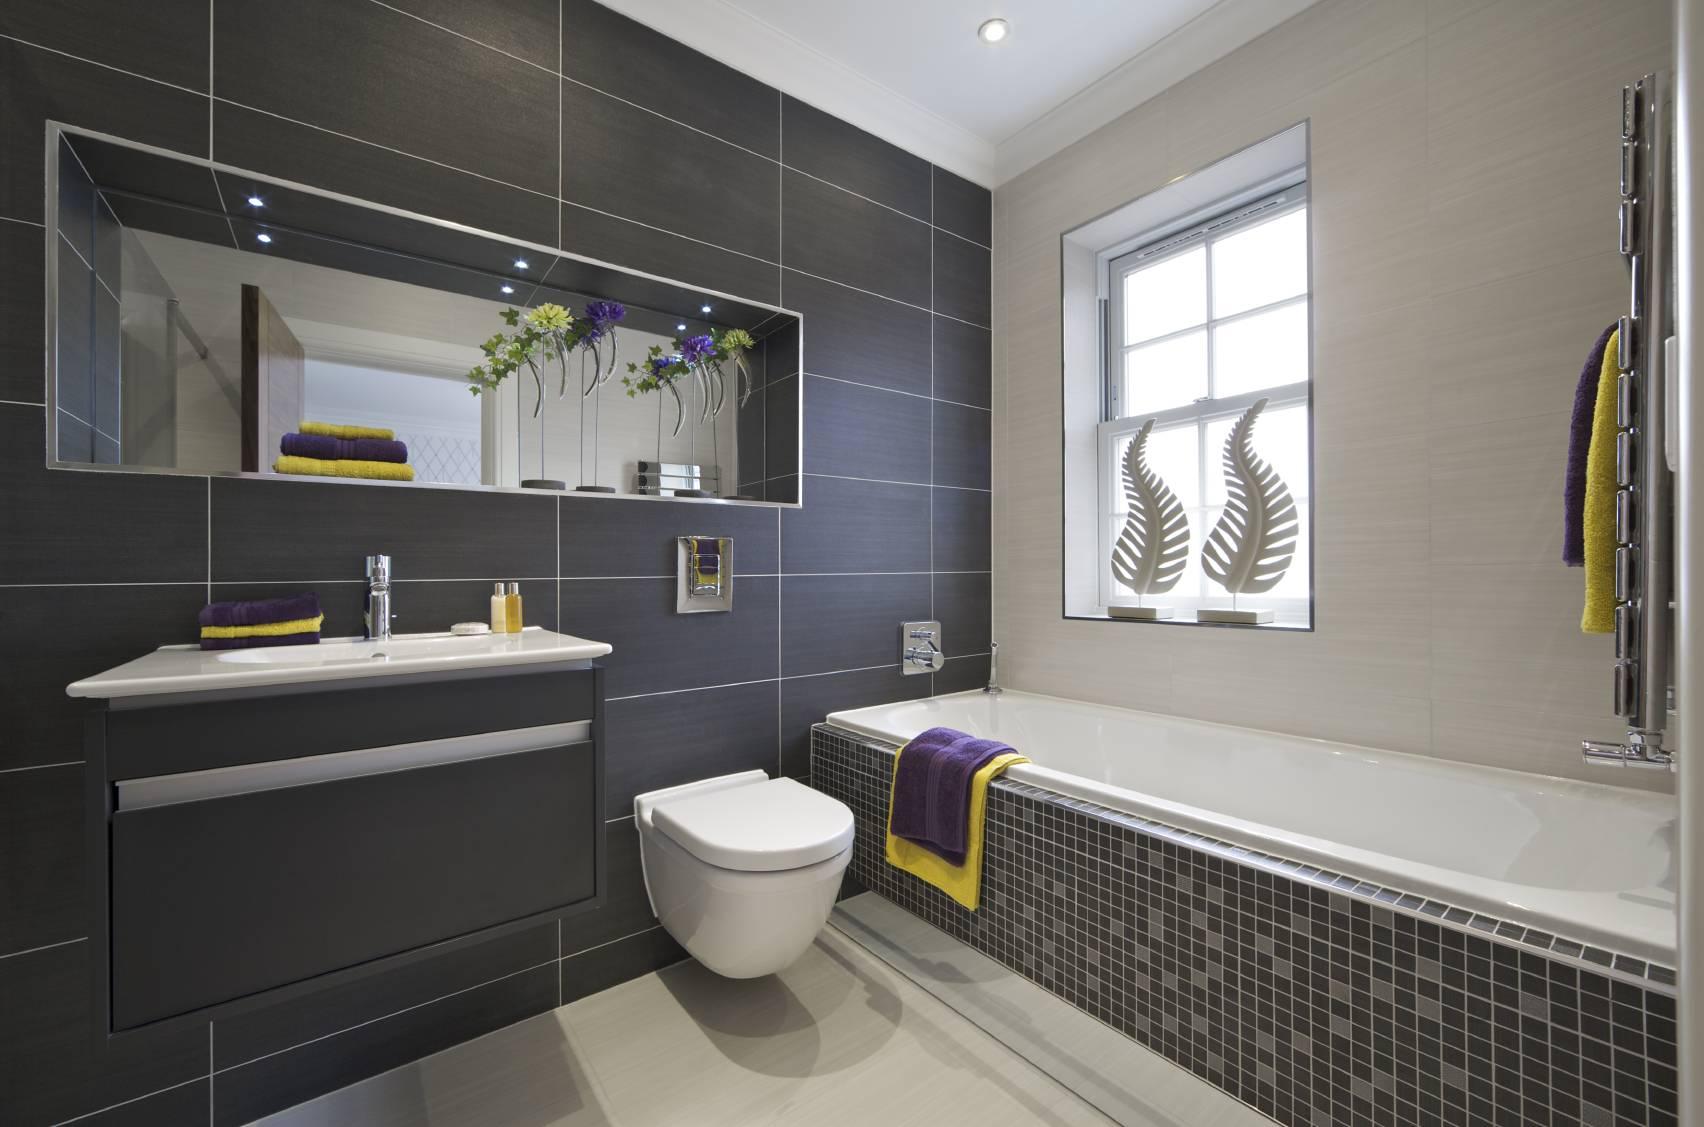 Comment choisir son miroir pour sa salle de bain ? | Pratique.fr